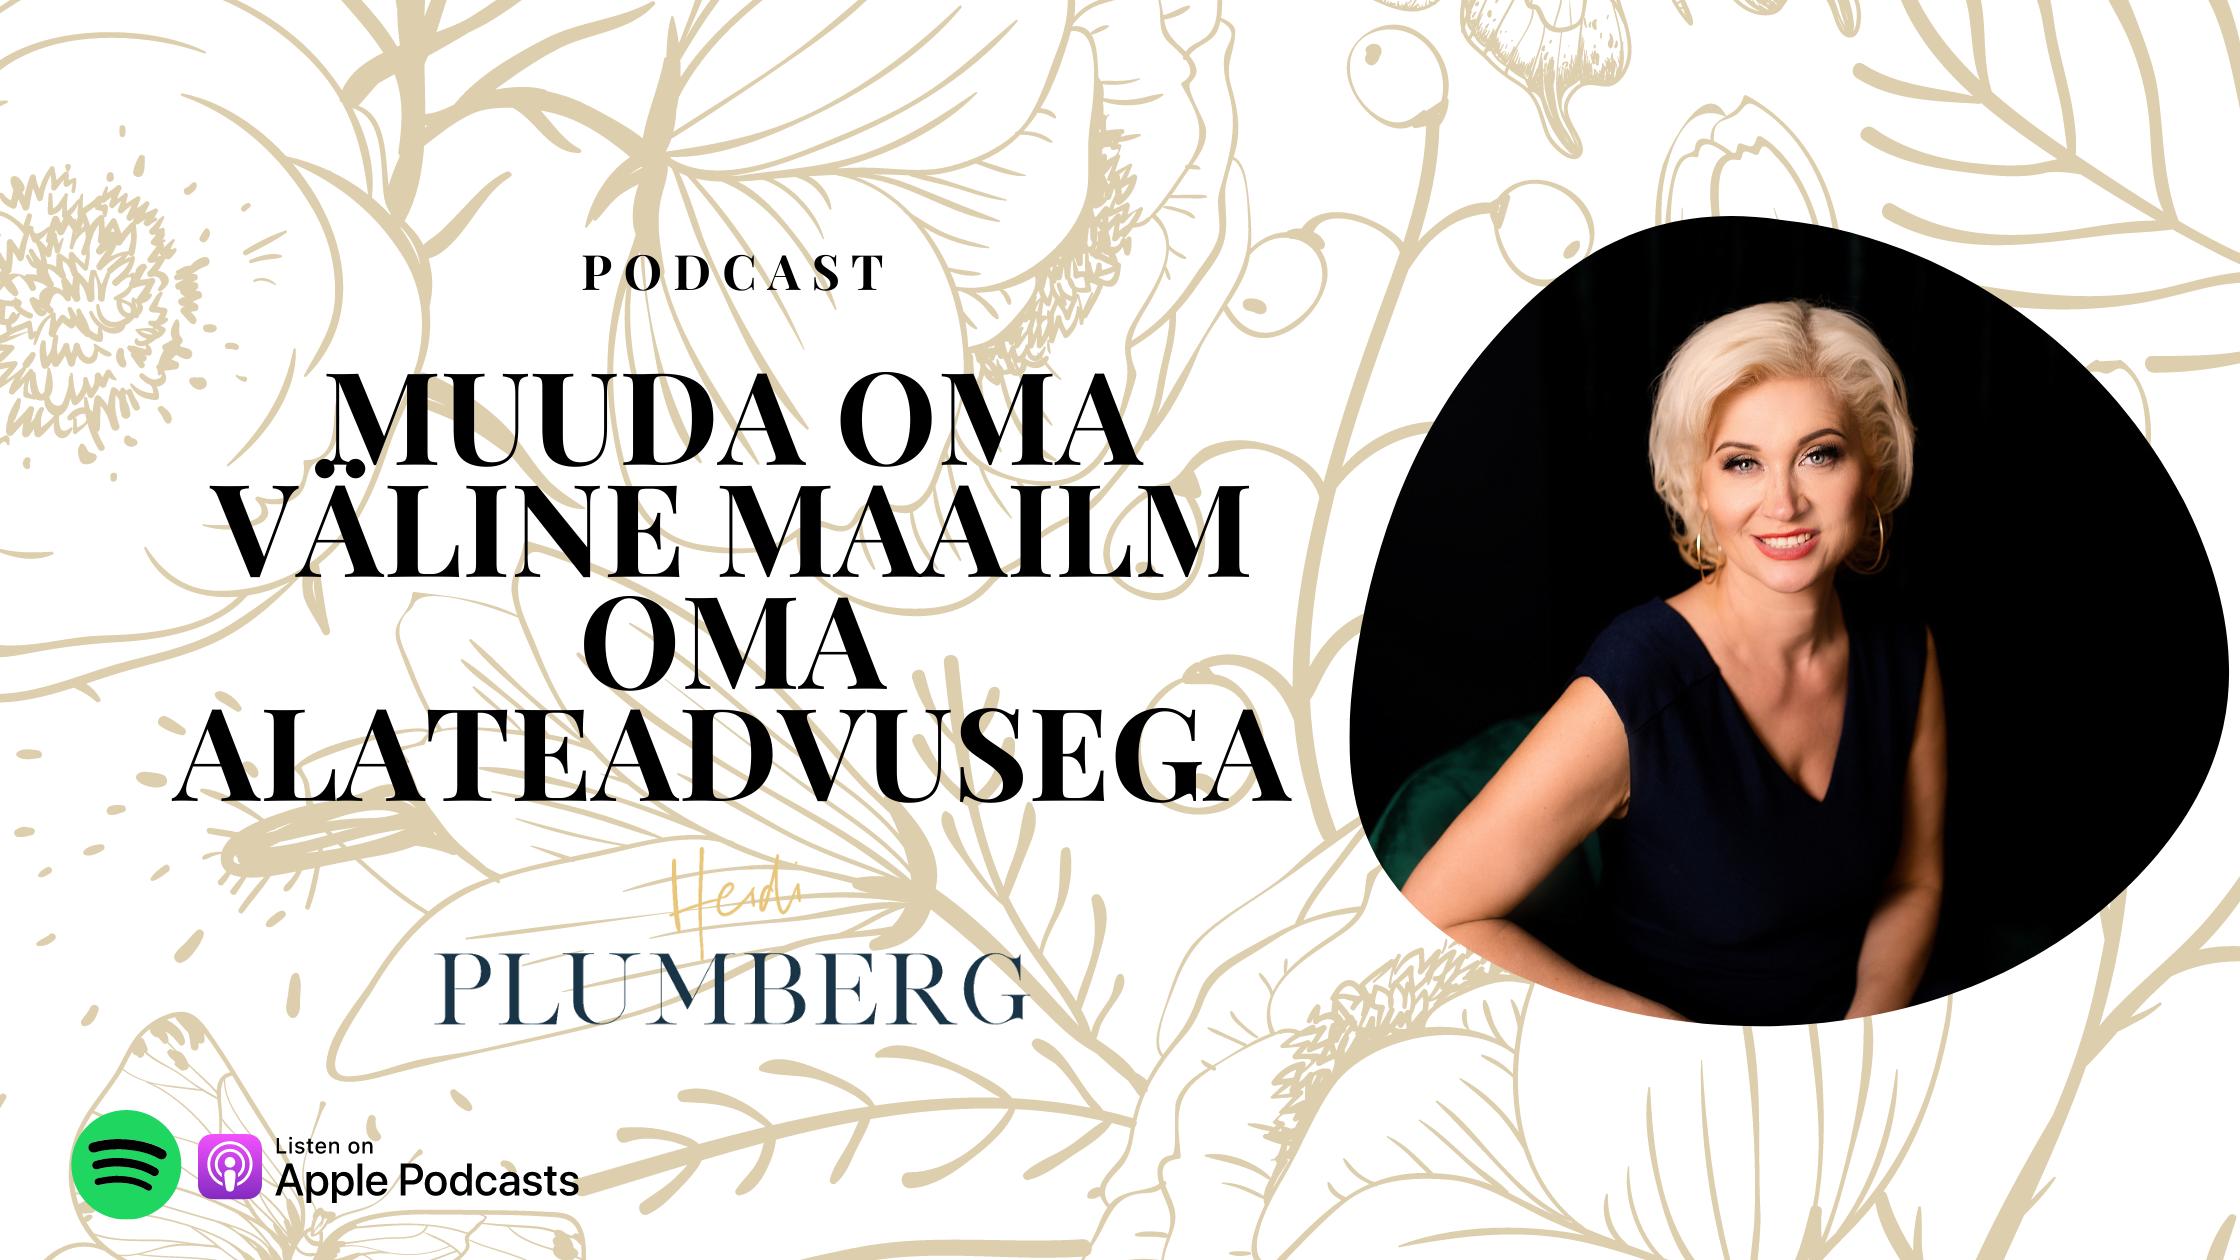 Podcast: Muuda oma alateadvusega enda välist maailma